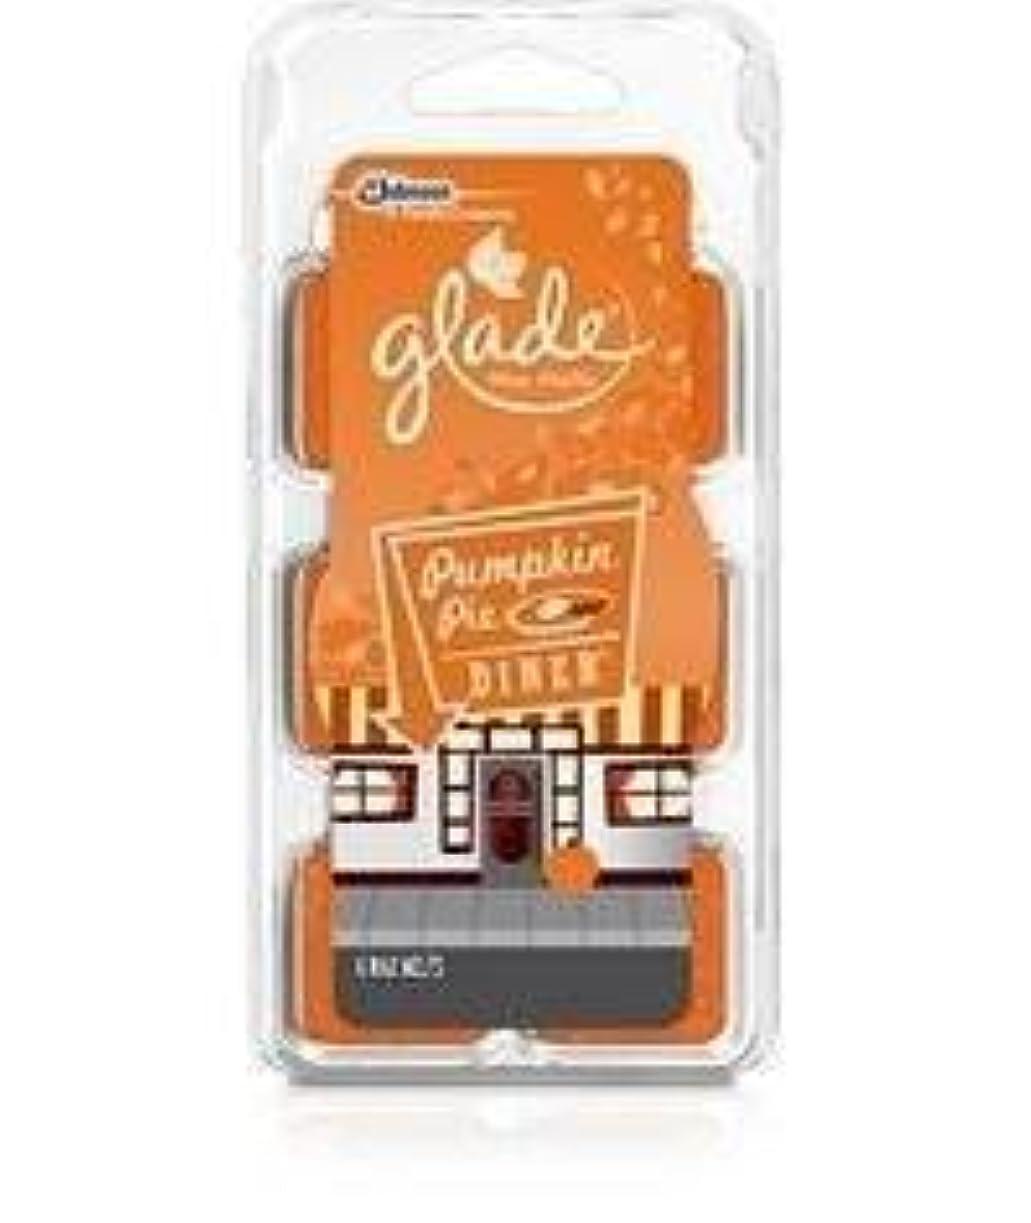 エチケット書き出す白いGladeワックスMelts – Limited Edition冬コレクションfor the Holidays ( 3、パンプキンパイDiner ) by SCジョンソン